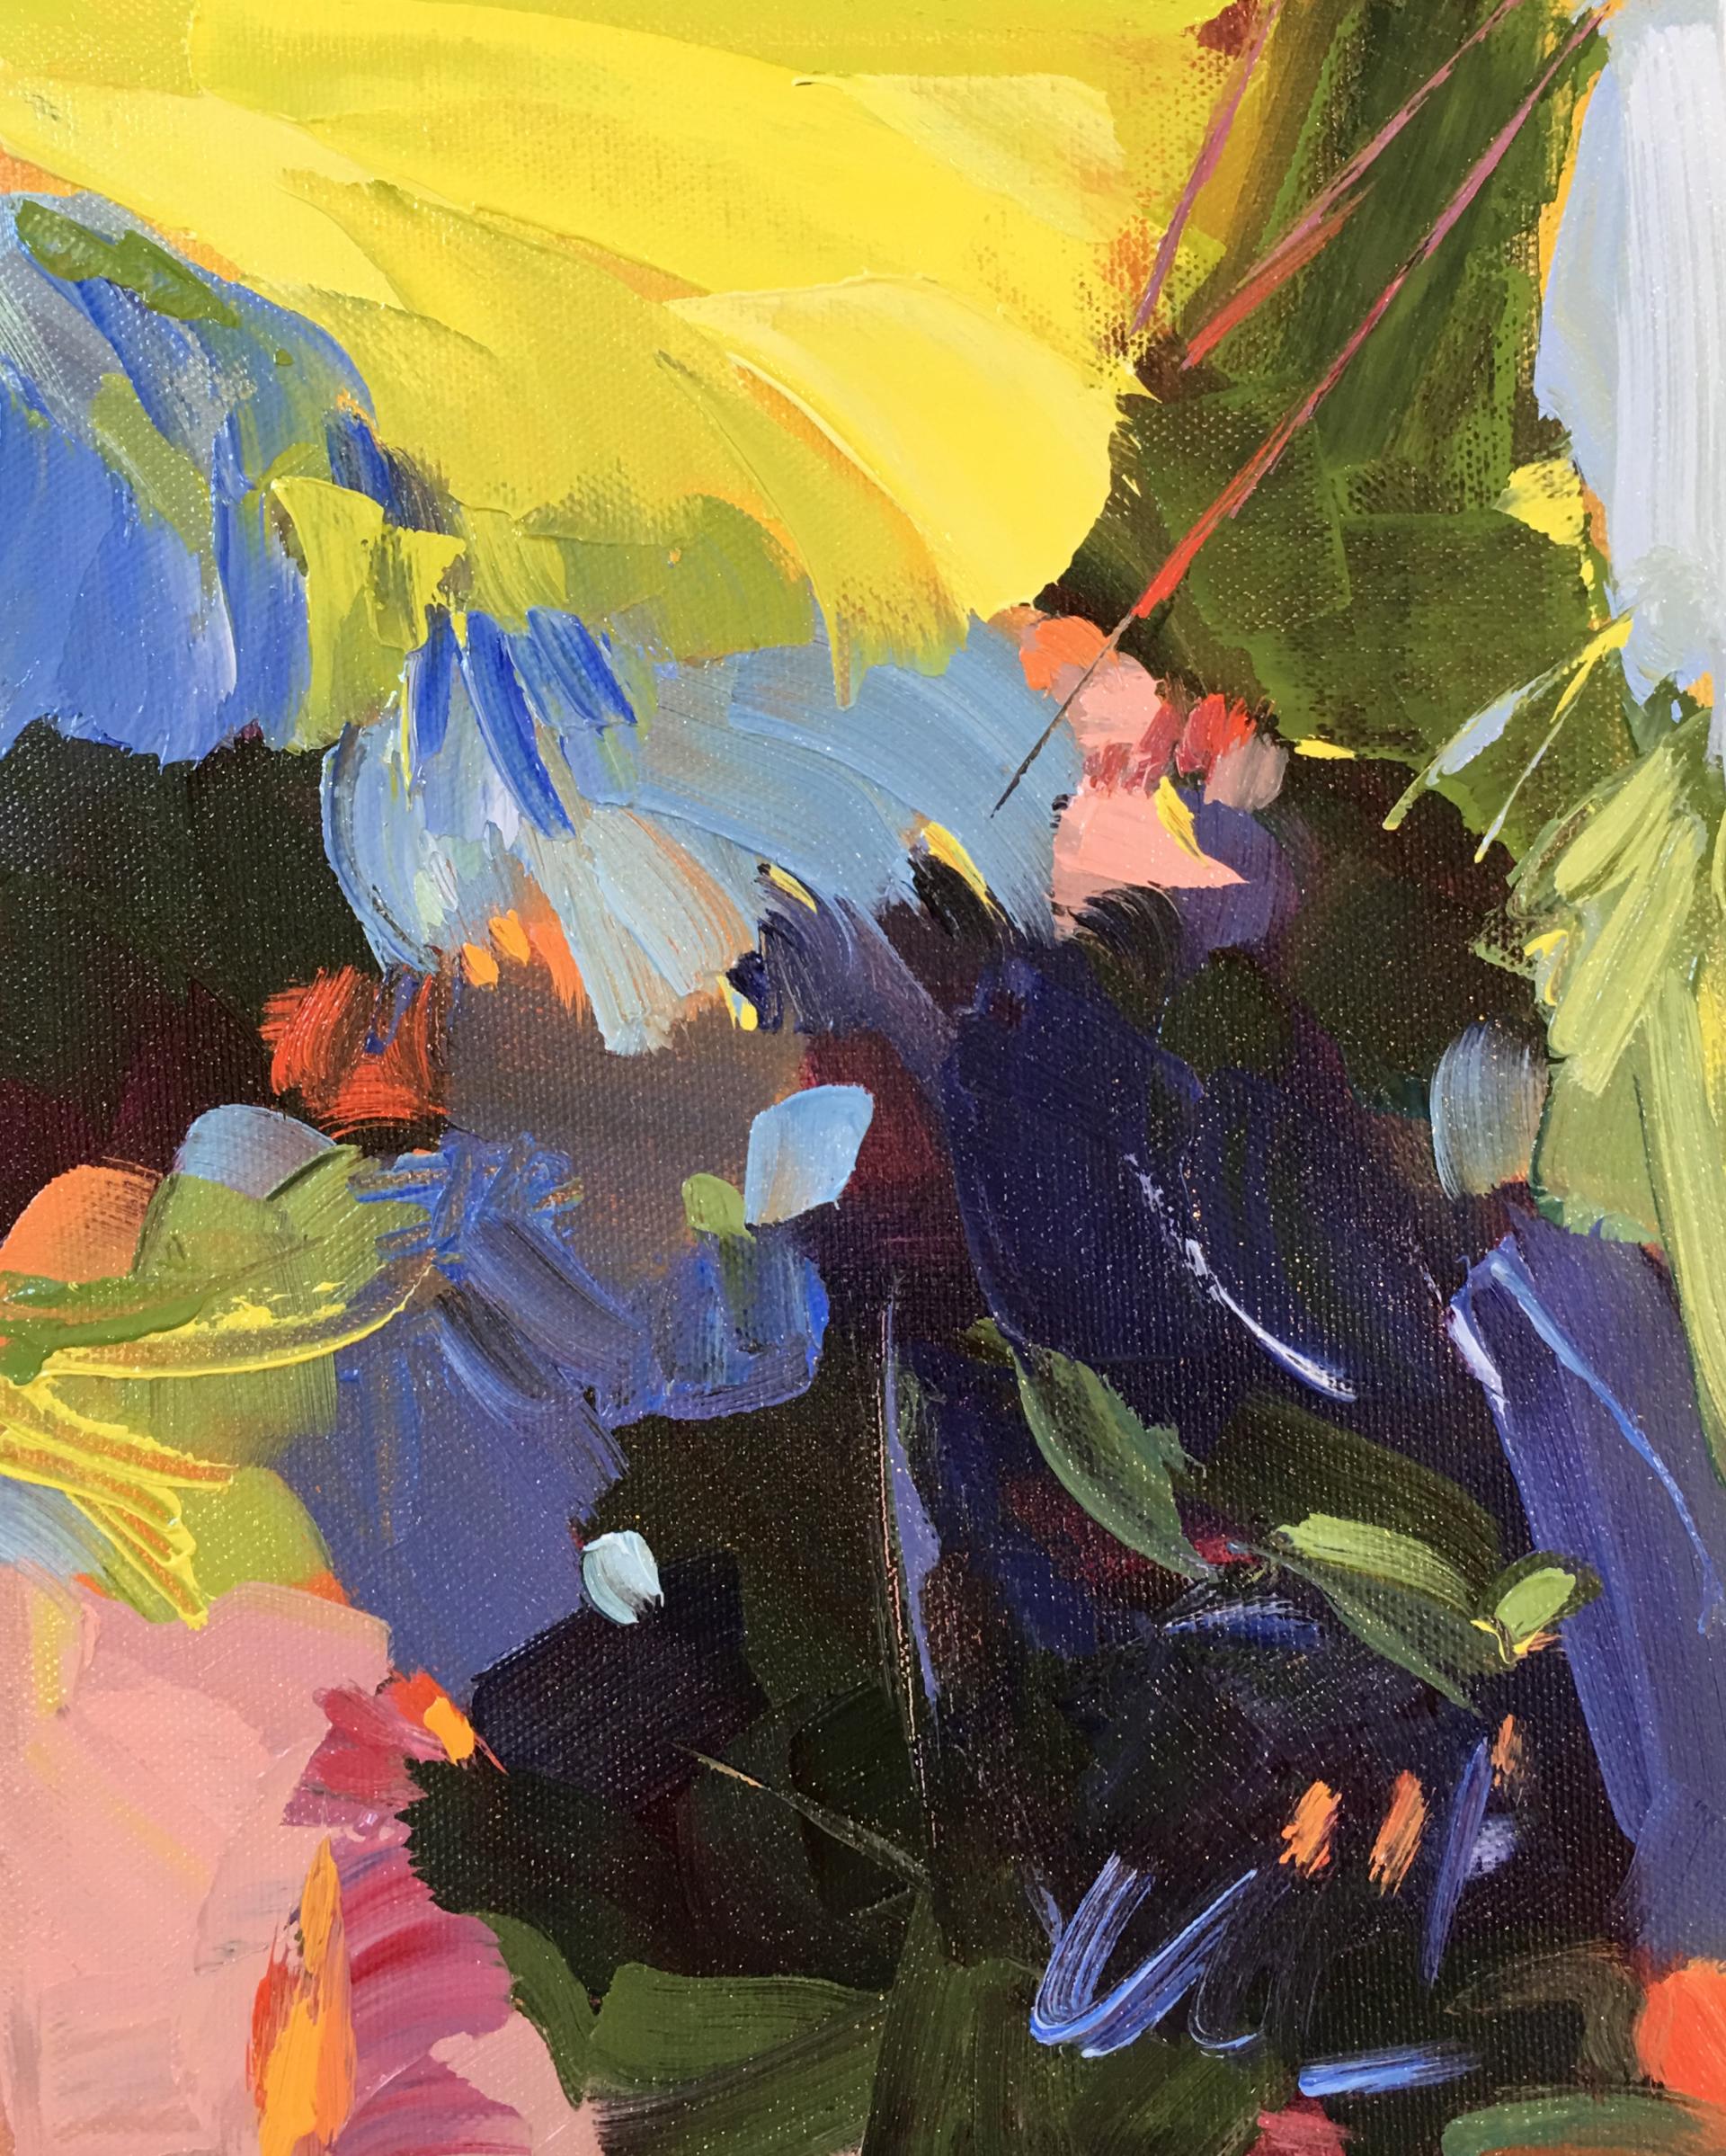 Spring Boom by Marissa Vogl